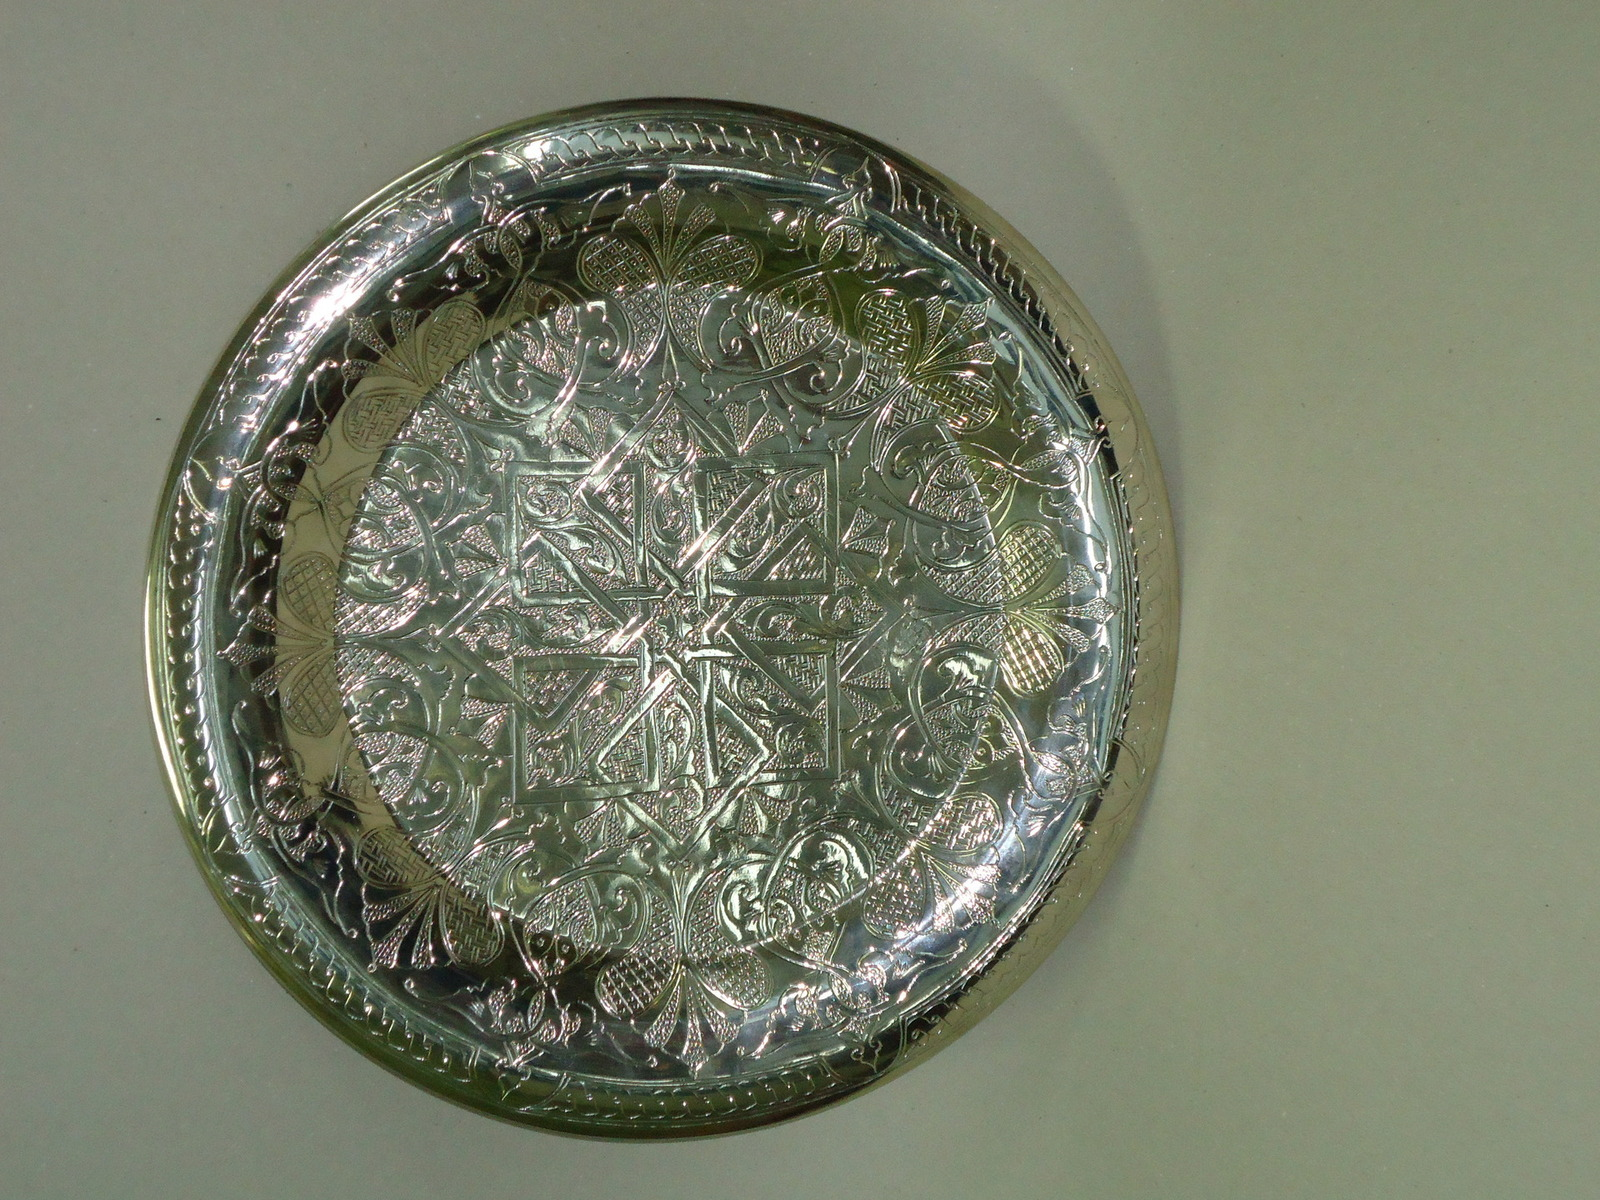 Round copper tray - $190.00